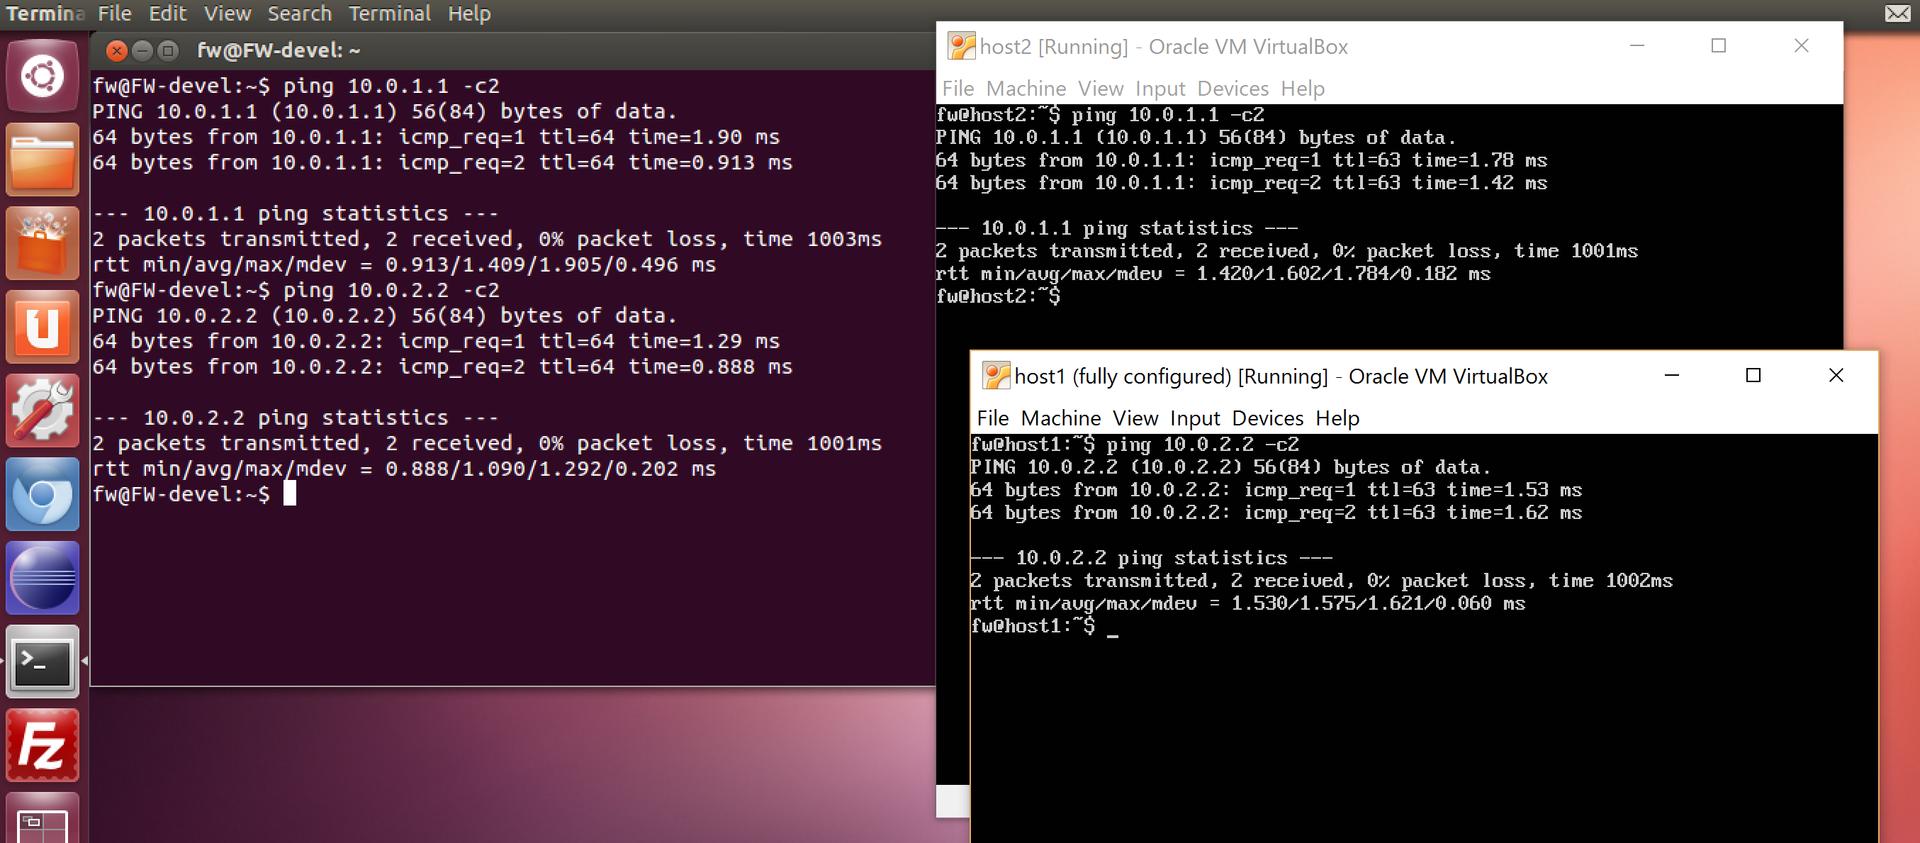 Создание и тестирование Firewall в Linux, Часть 1.1 Виртуальная лаборатория - 12